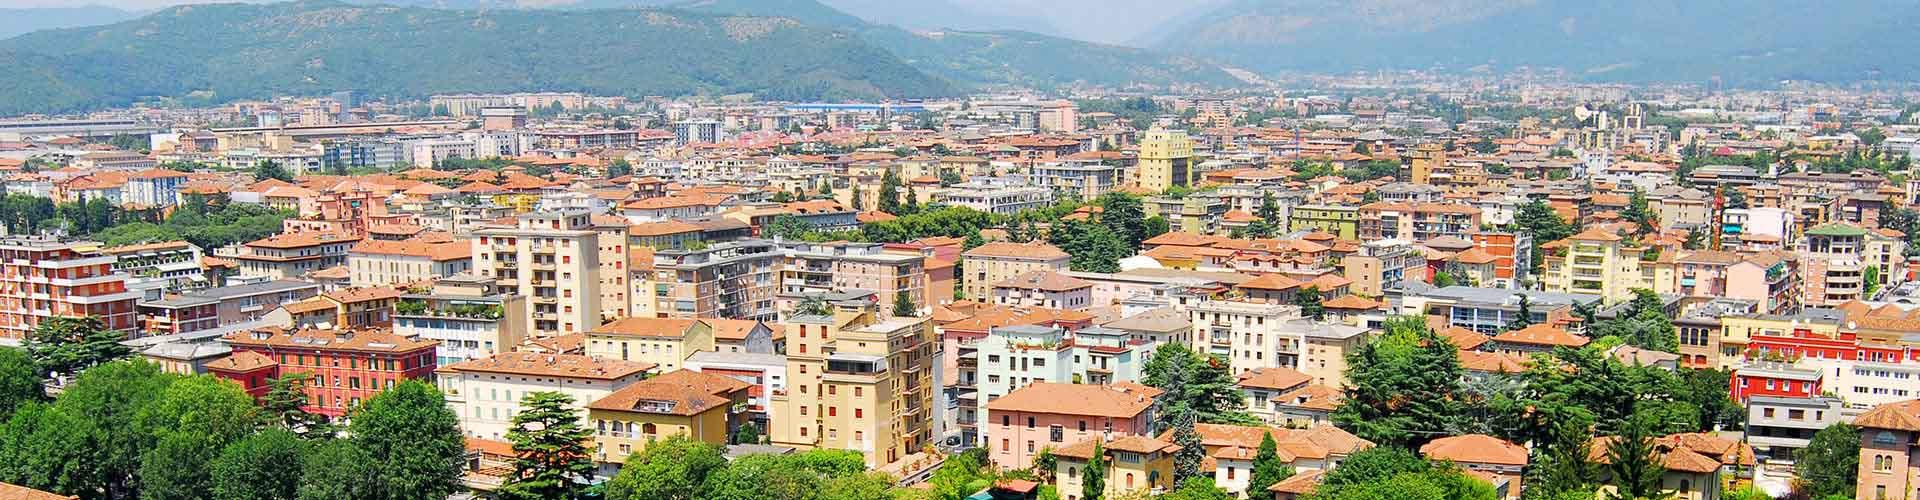 Brescia - Hostales en Brescia. Mapas de Brescia, Fotos y comentarios de cada Hostal en Brescia.